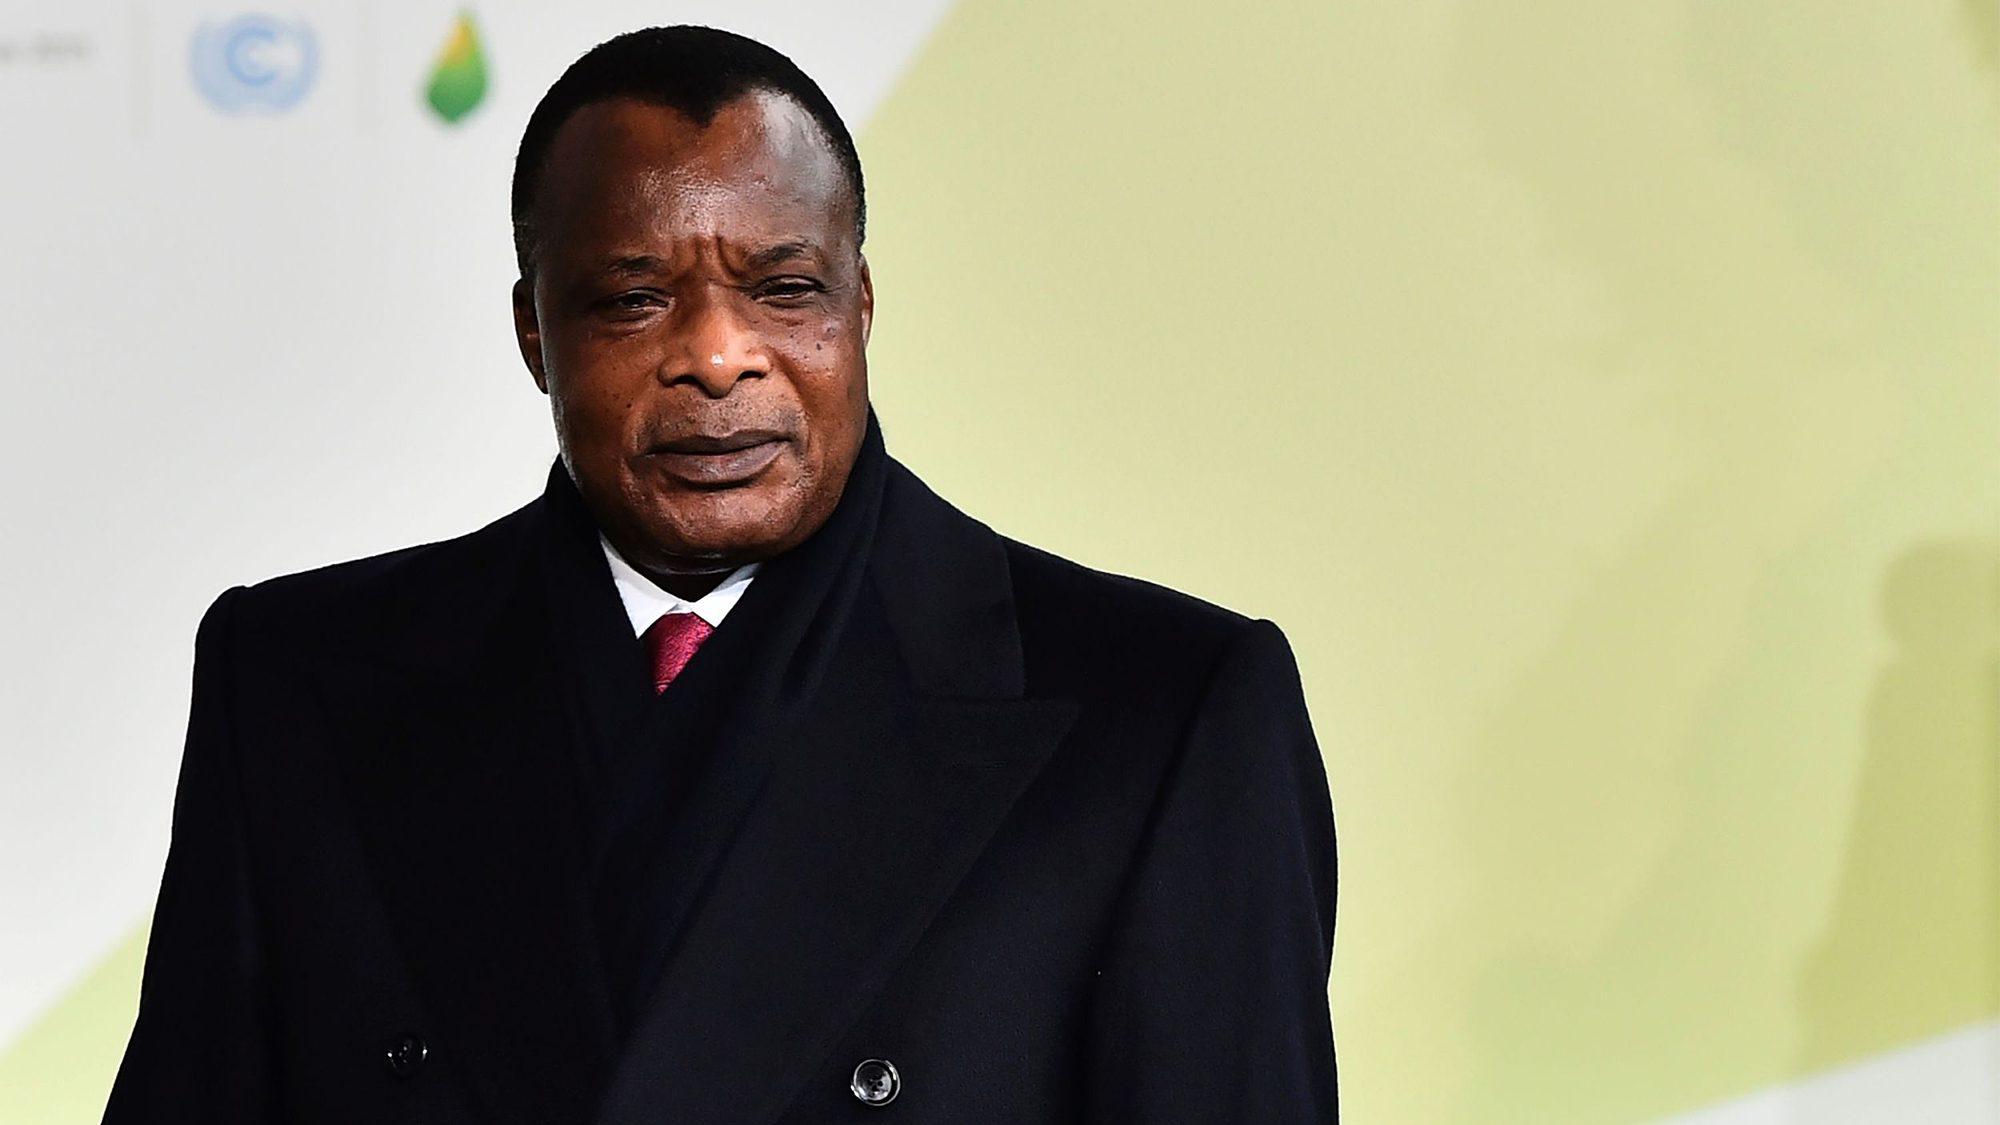 رئيس جمهورية الكونغو: نتطلع لأن تعمل دول أفريقيا والصين ...